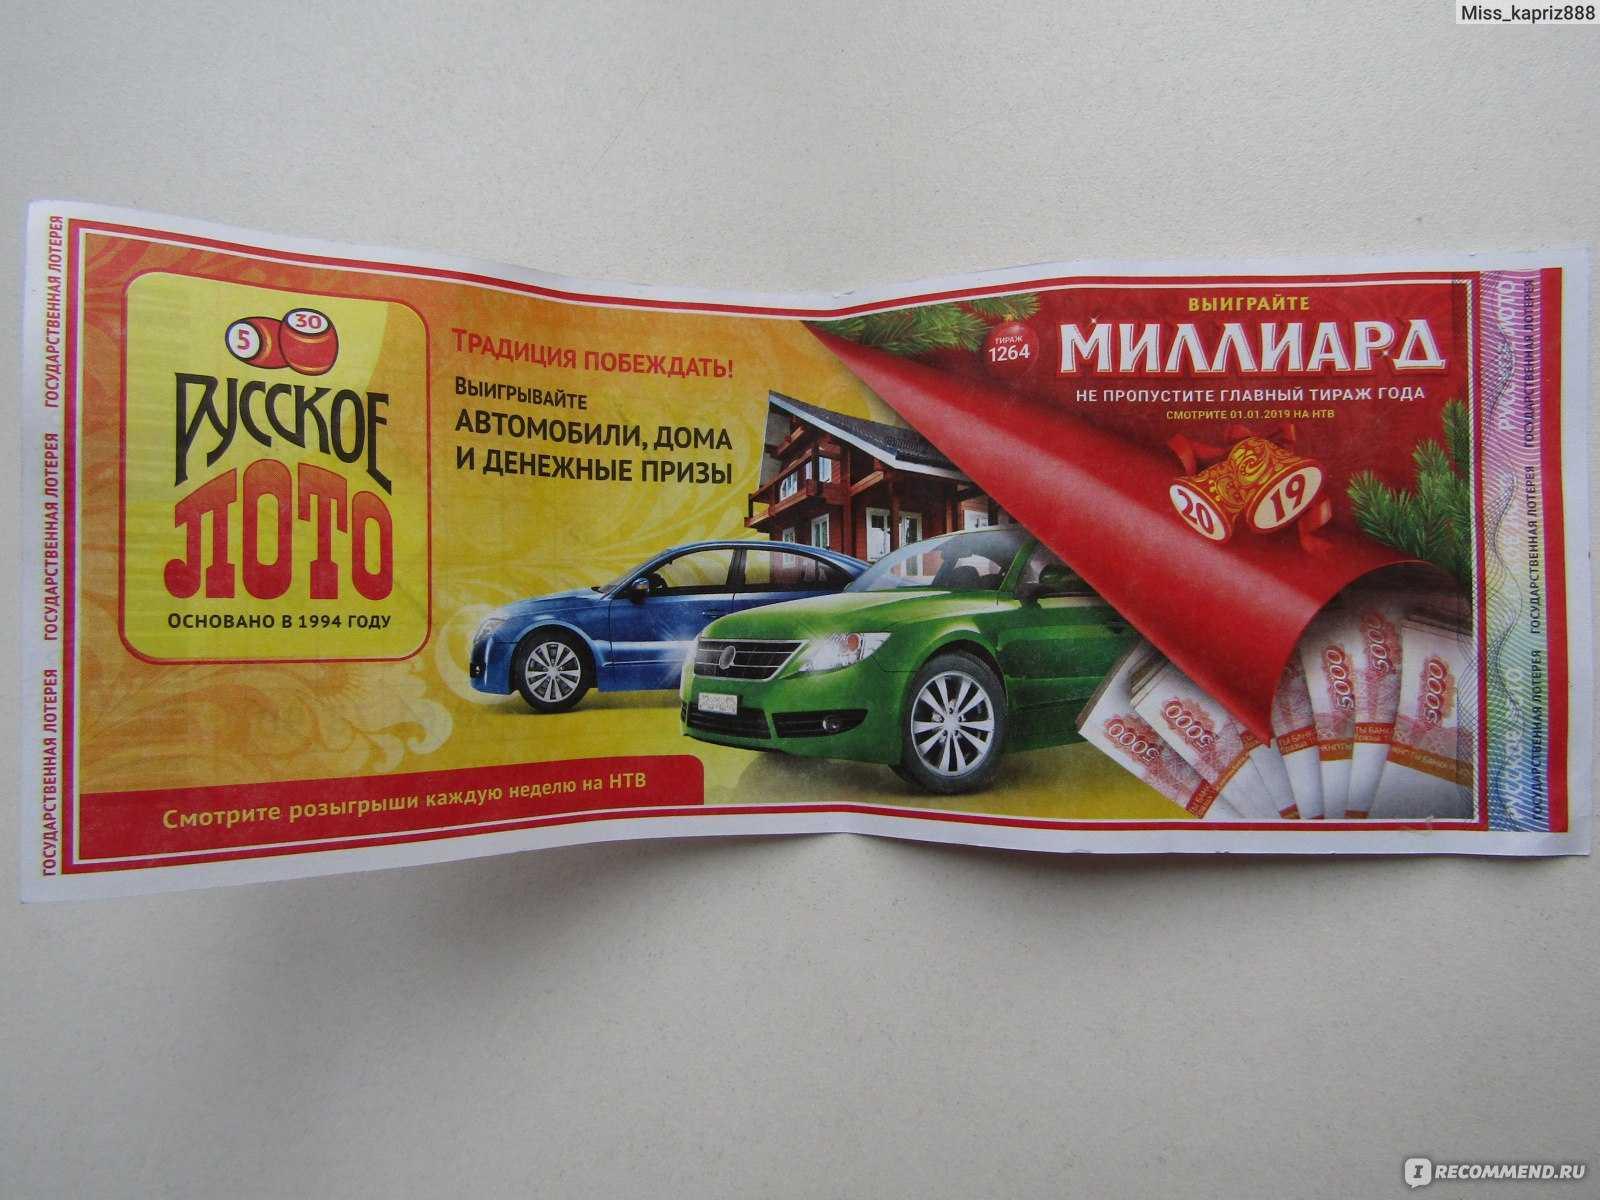 Bingo-75 lotteri - kjøp bingo-75 lodd fra den offisielle nettsiden til Stoloto